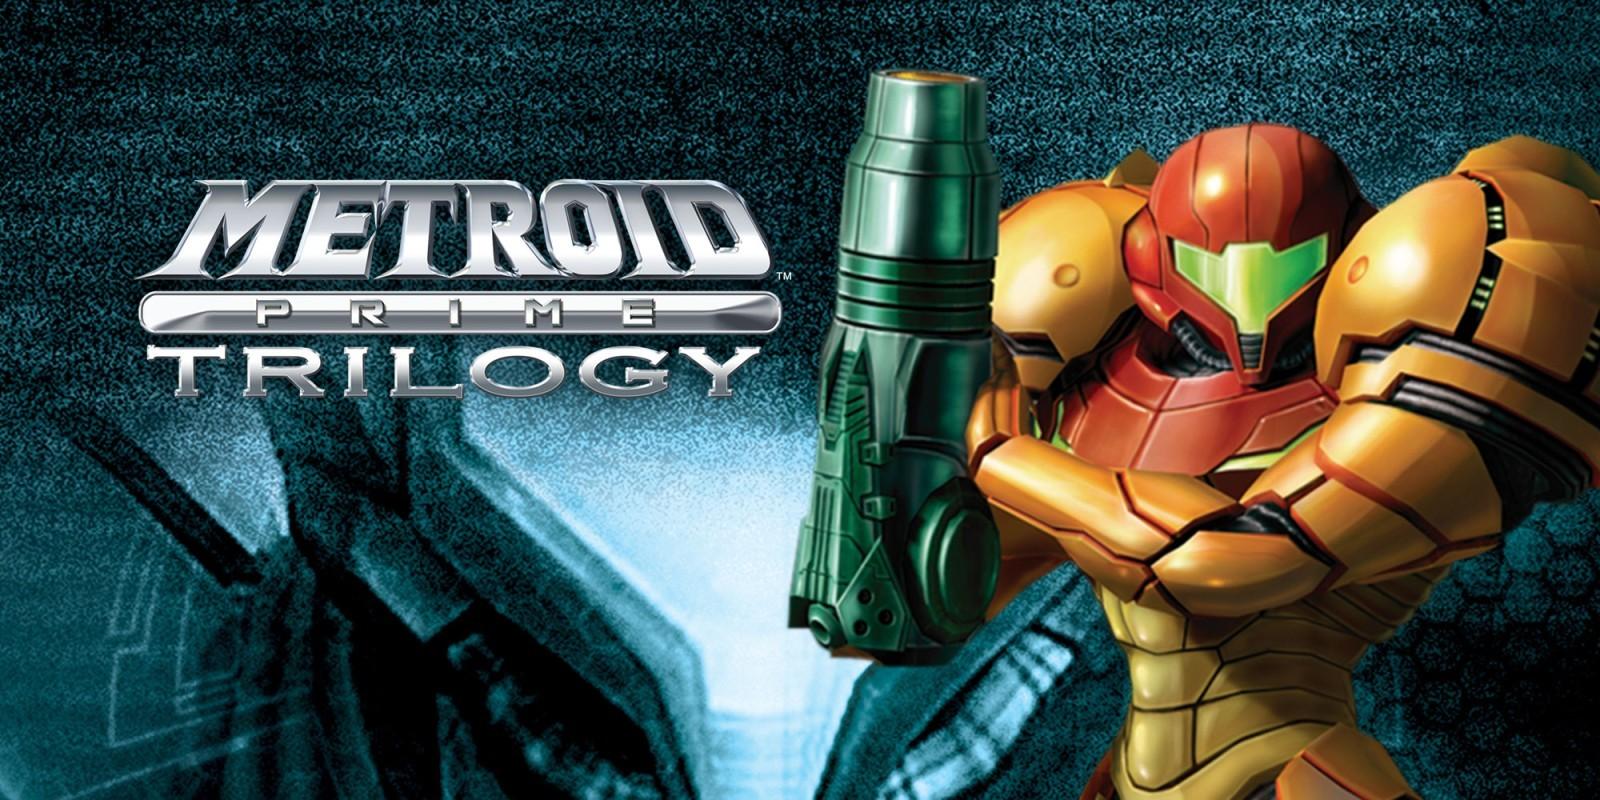 设计师认为任天堂不会移植《银河战士Prime三部曲》